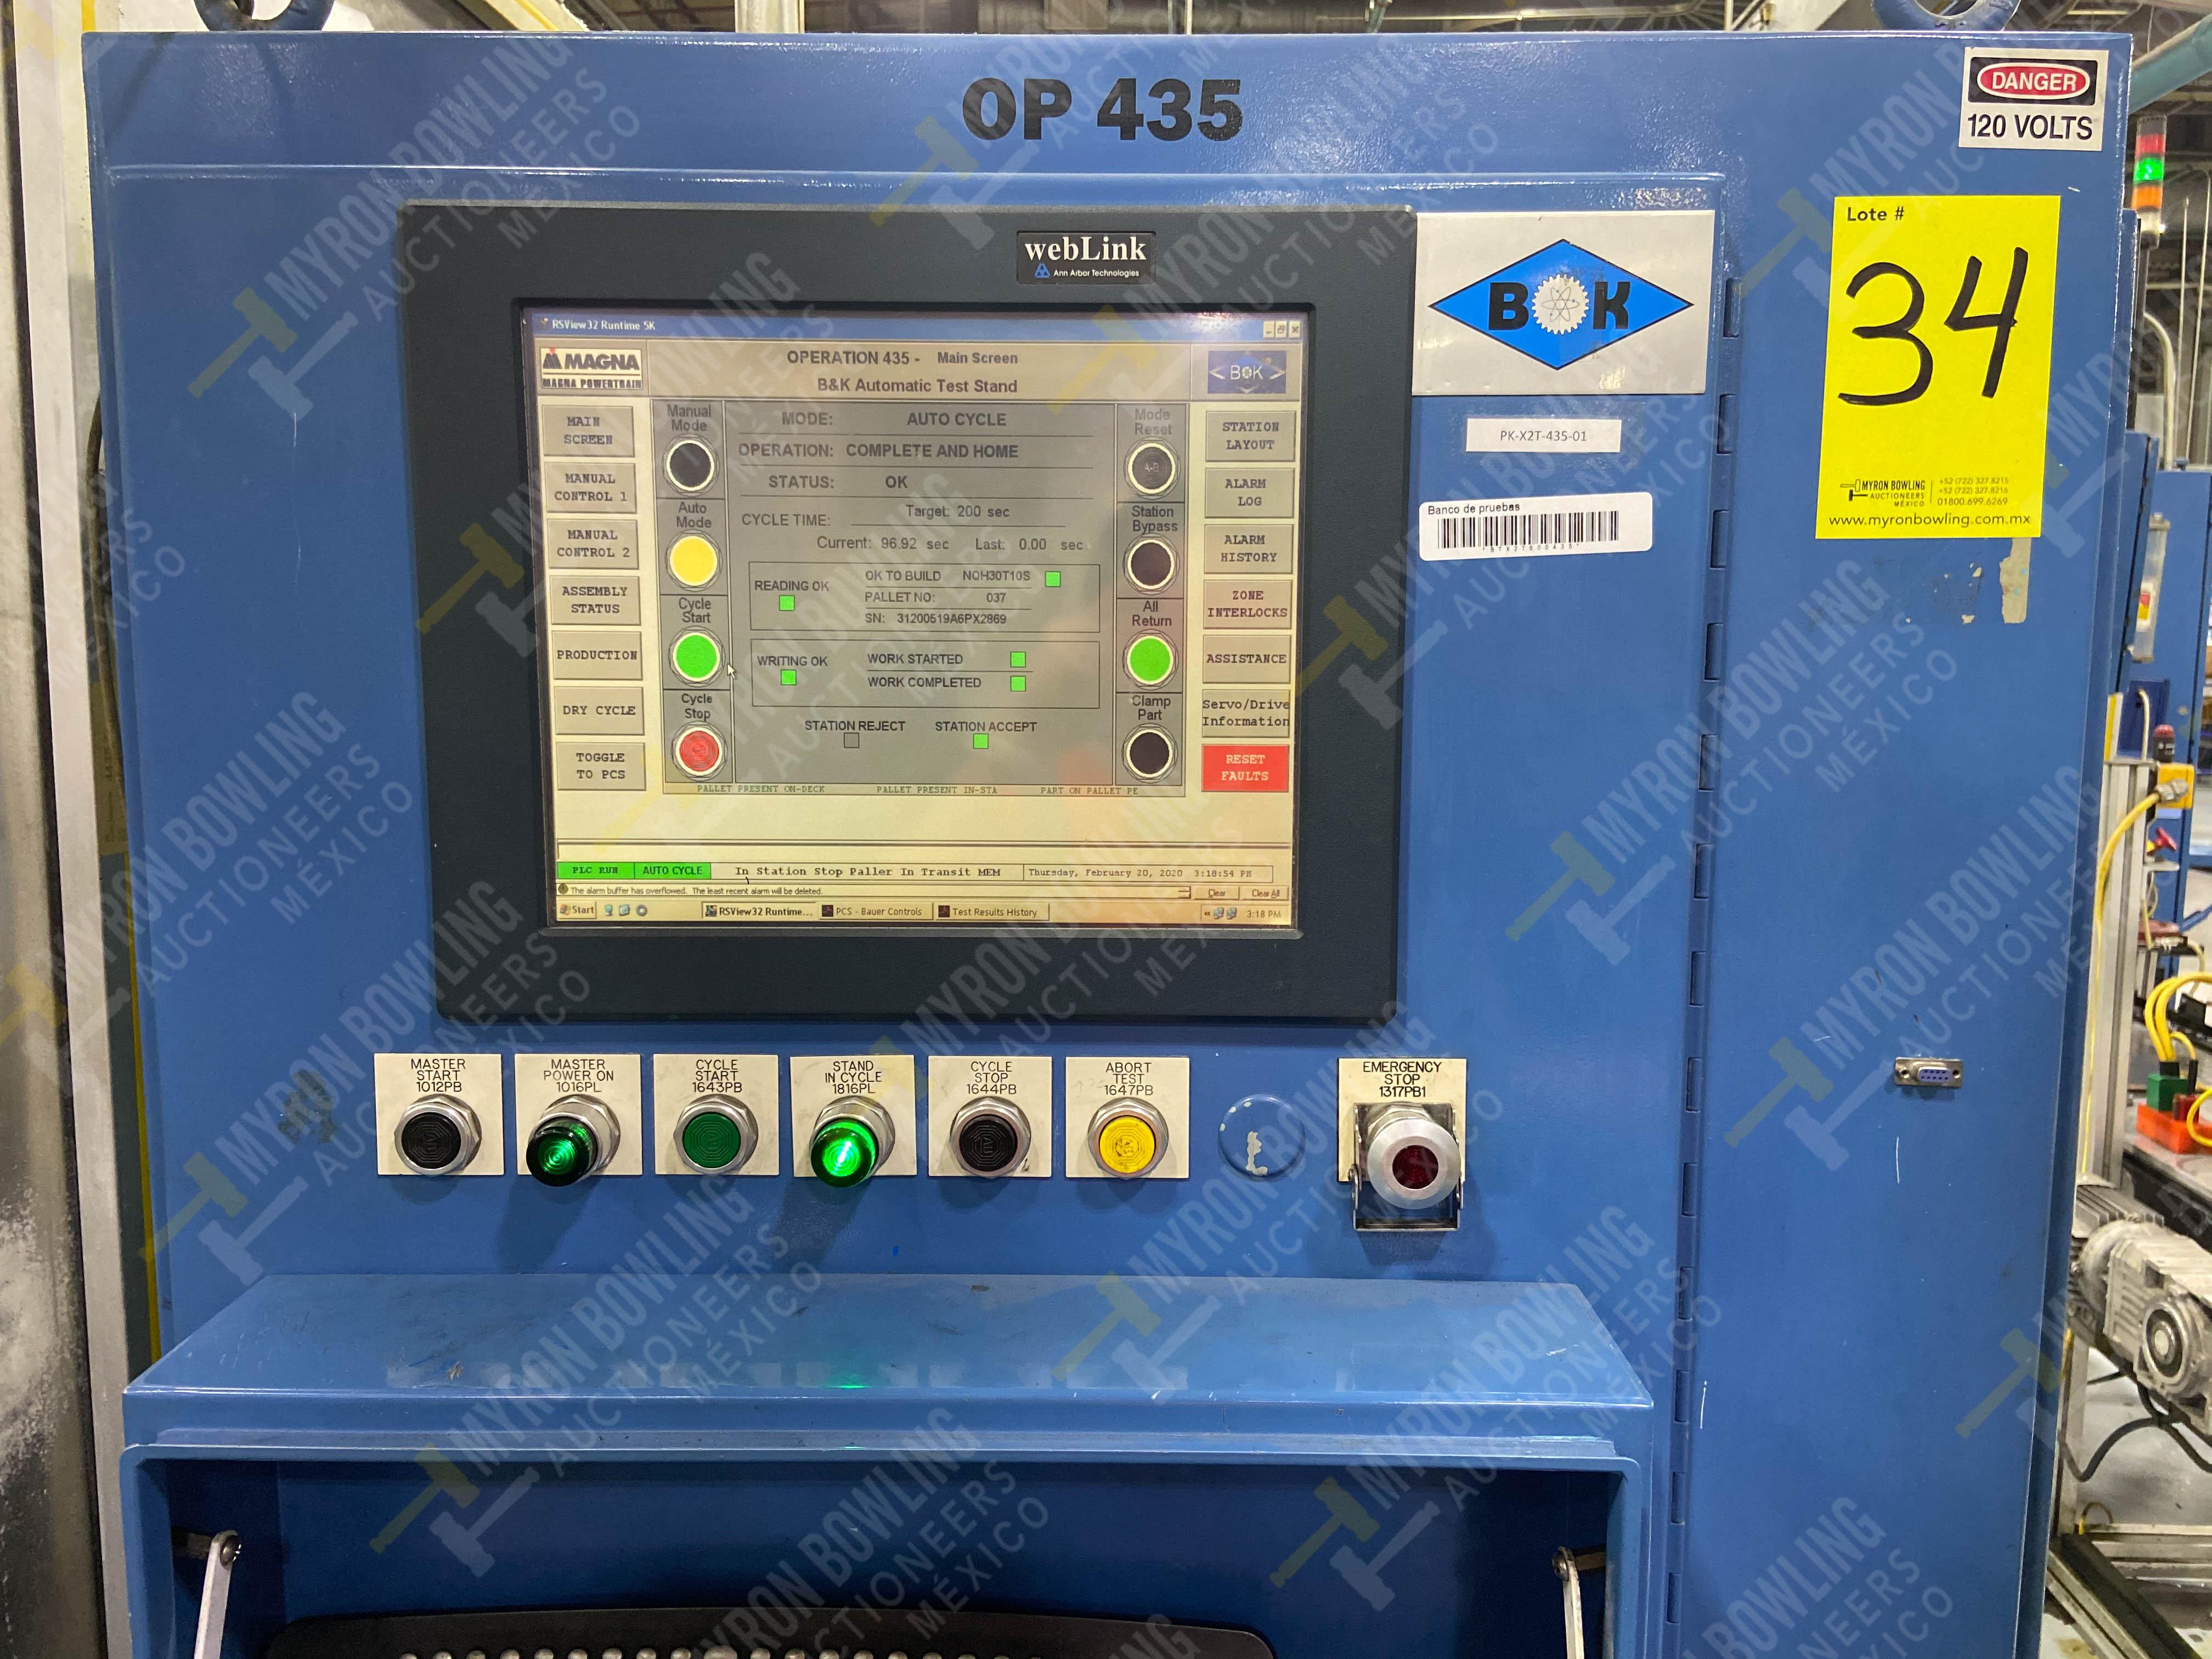 Estación semiautomática para operación 435, contiene: Máquina dinamómetro con sistema de revolución - Image 27 of 28